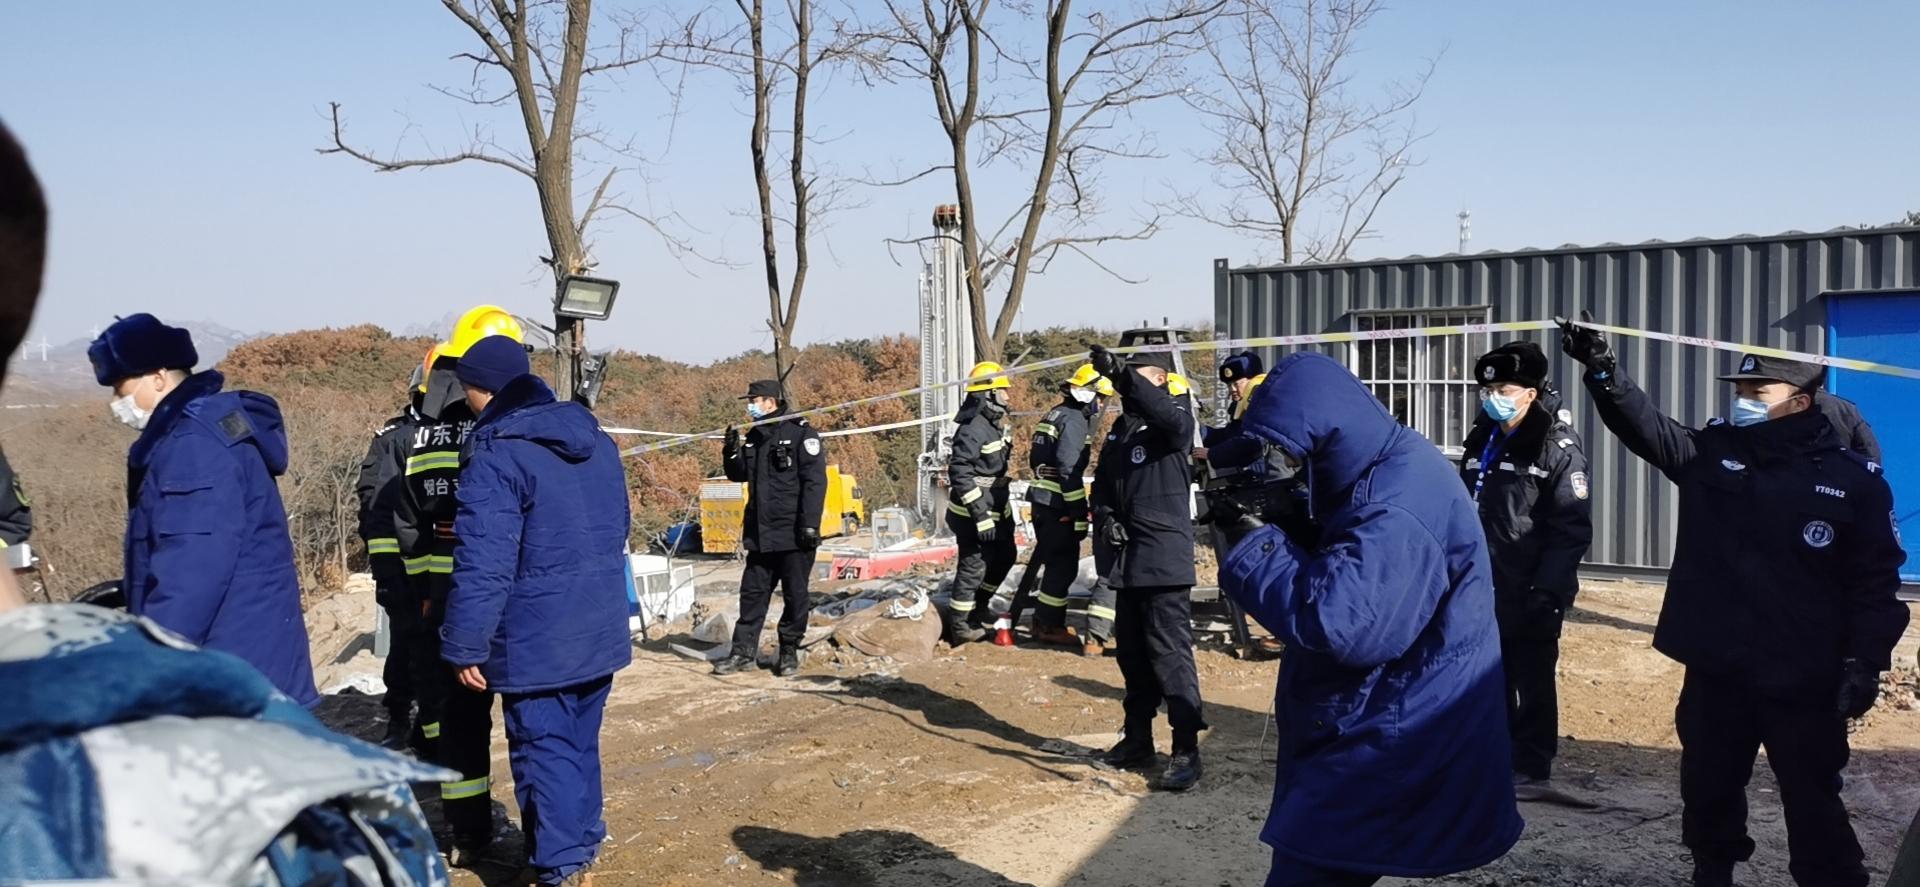 1月19日中午,栖霞金矿事故救援人员向井下投放可视设备。本文图均为澎湃新闻记者 张家然 摄